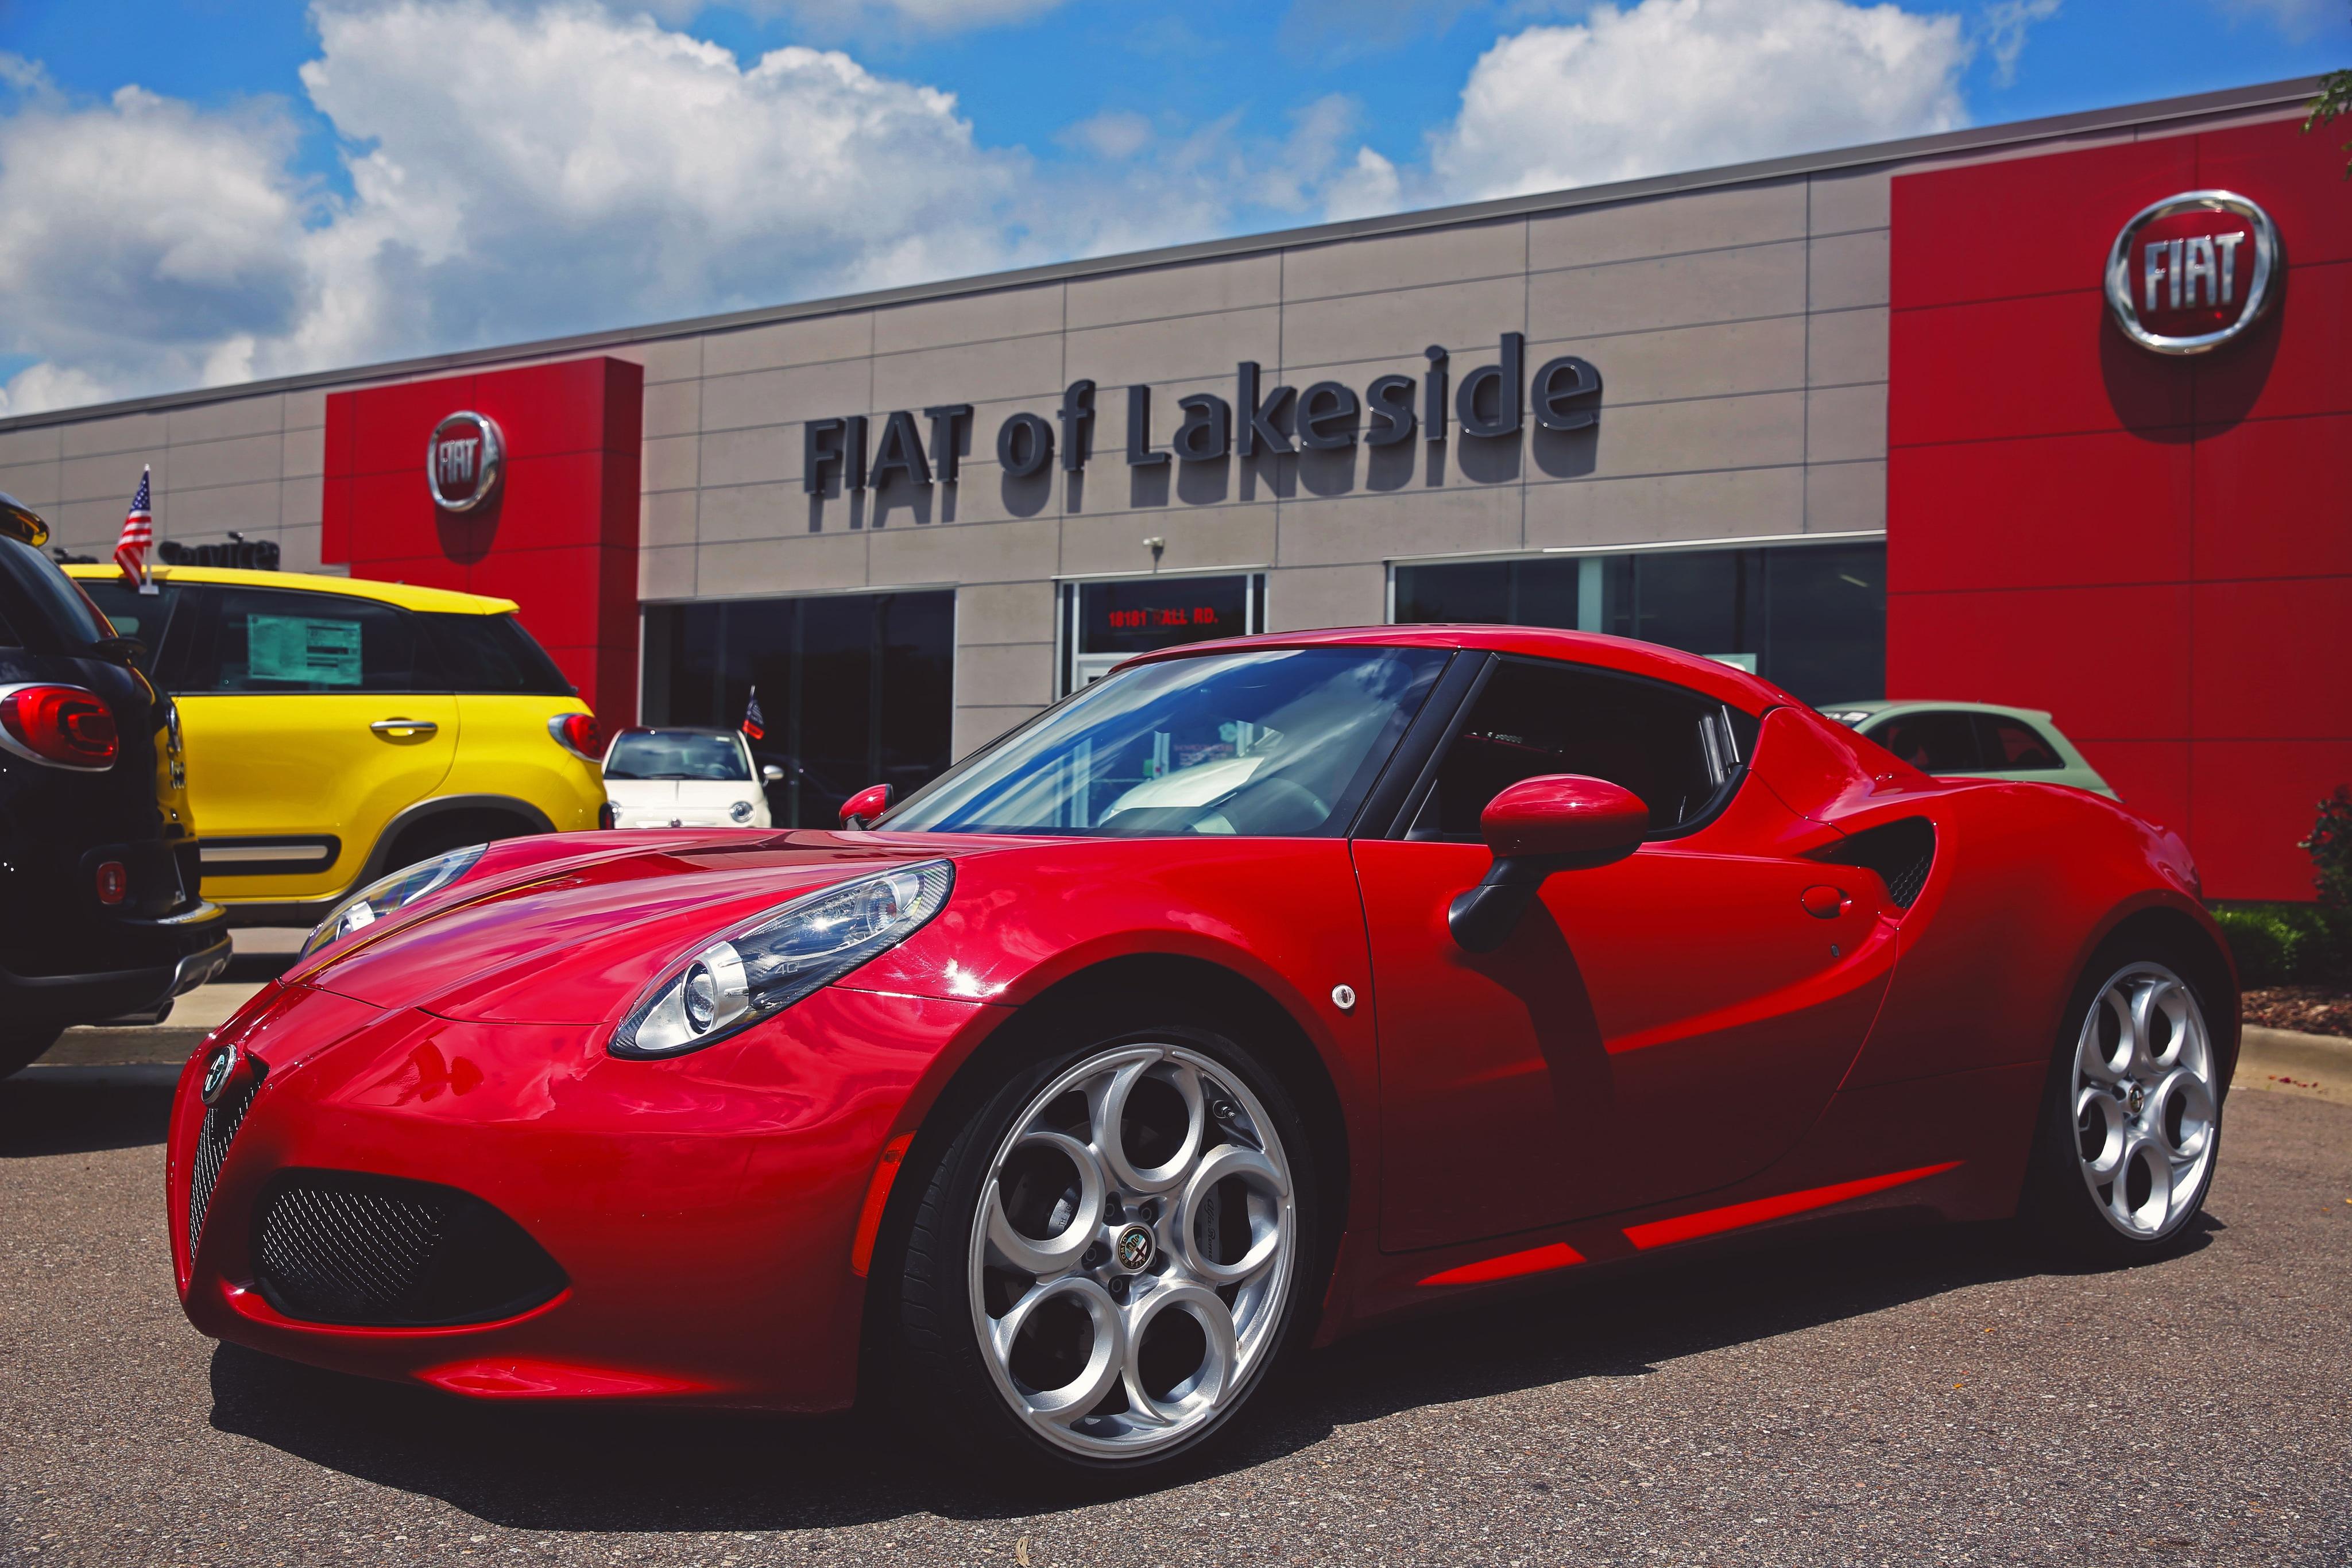 Alfa Romeo of Lakeside